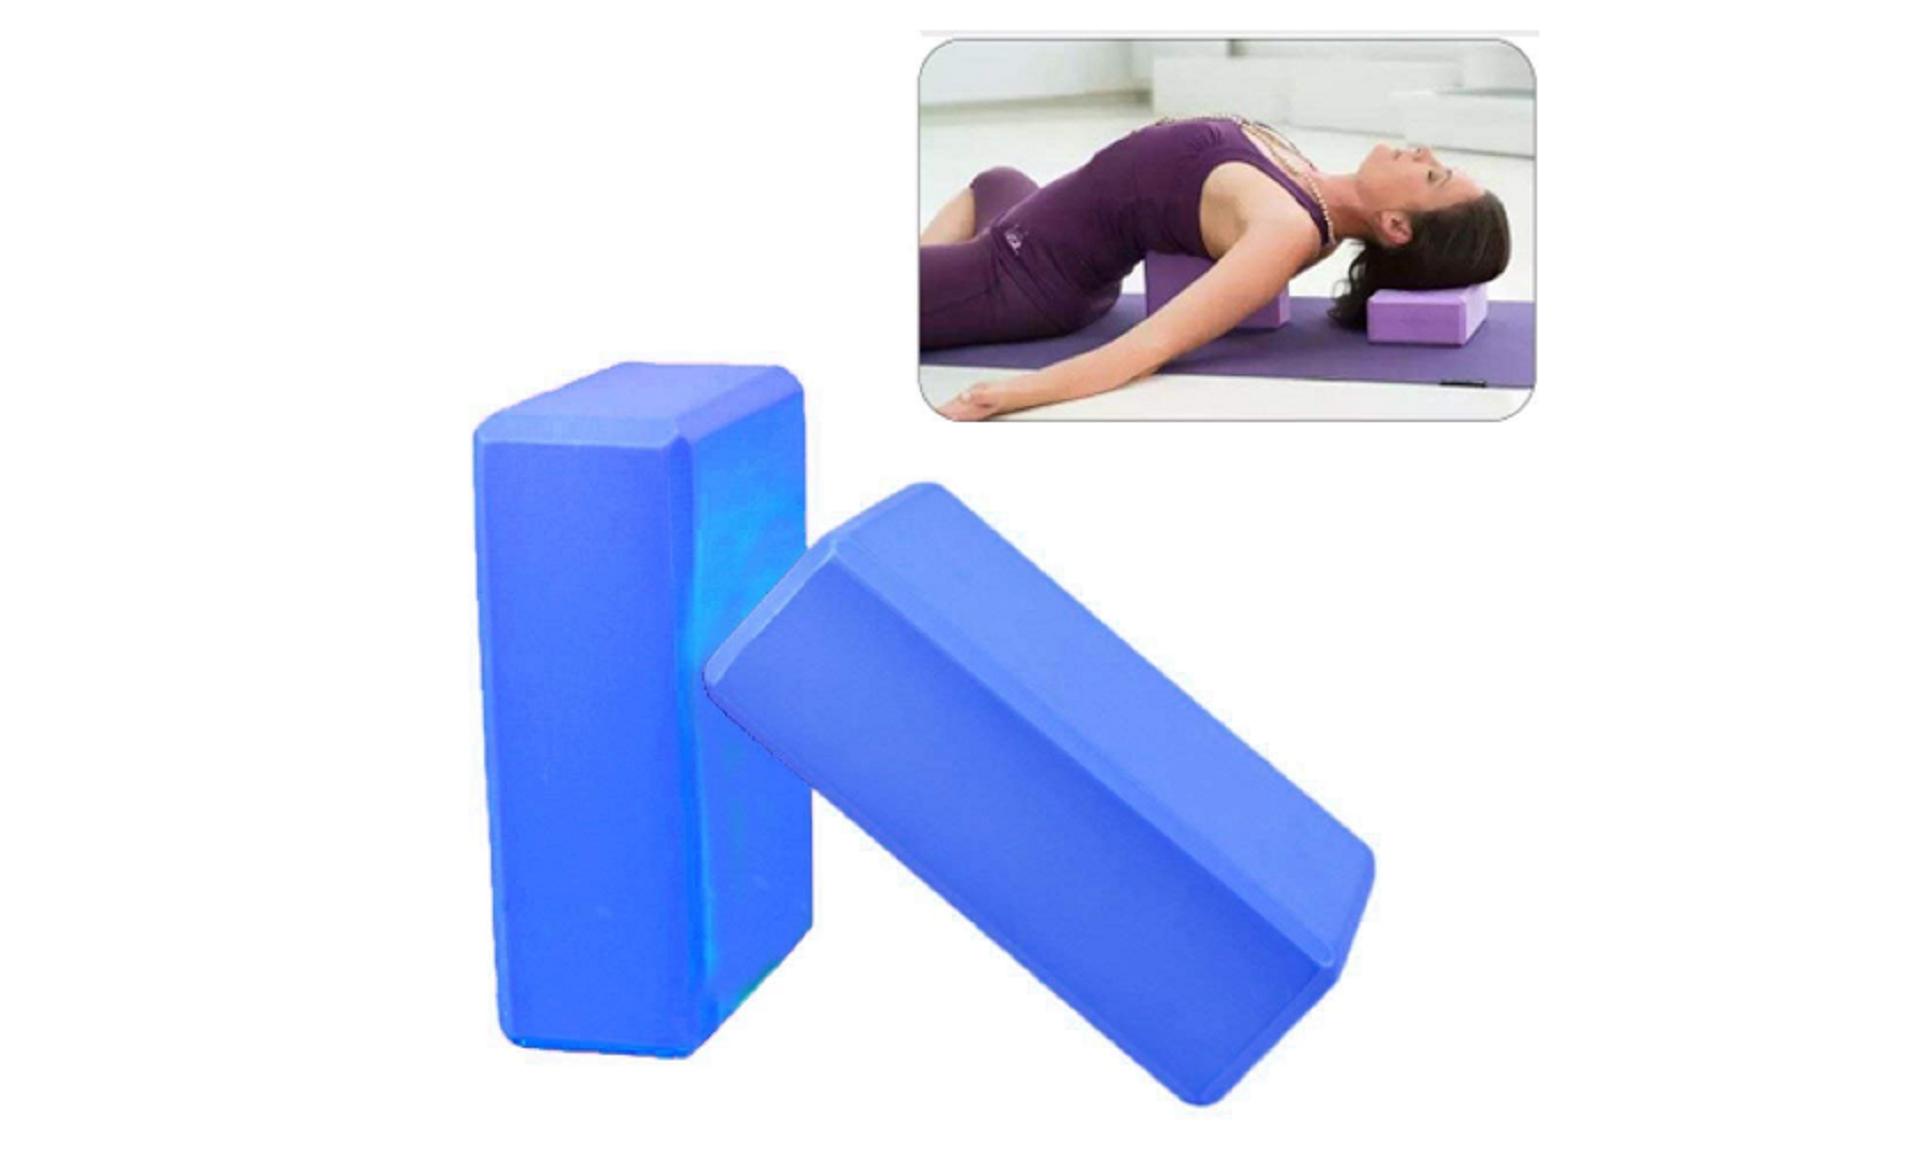 house of quirk eva yoga block